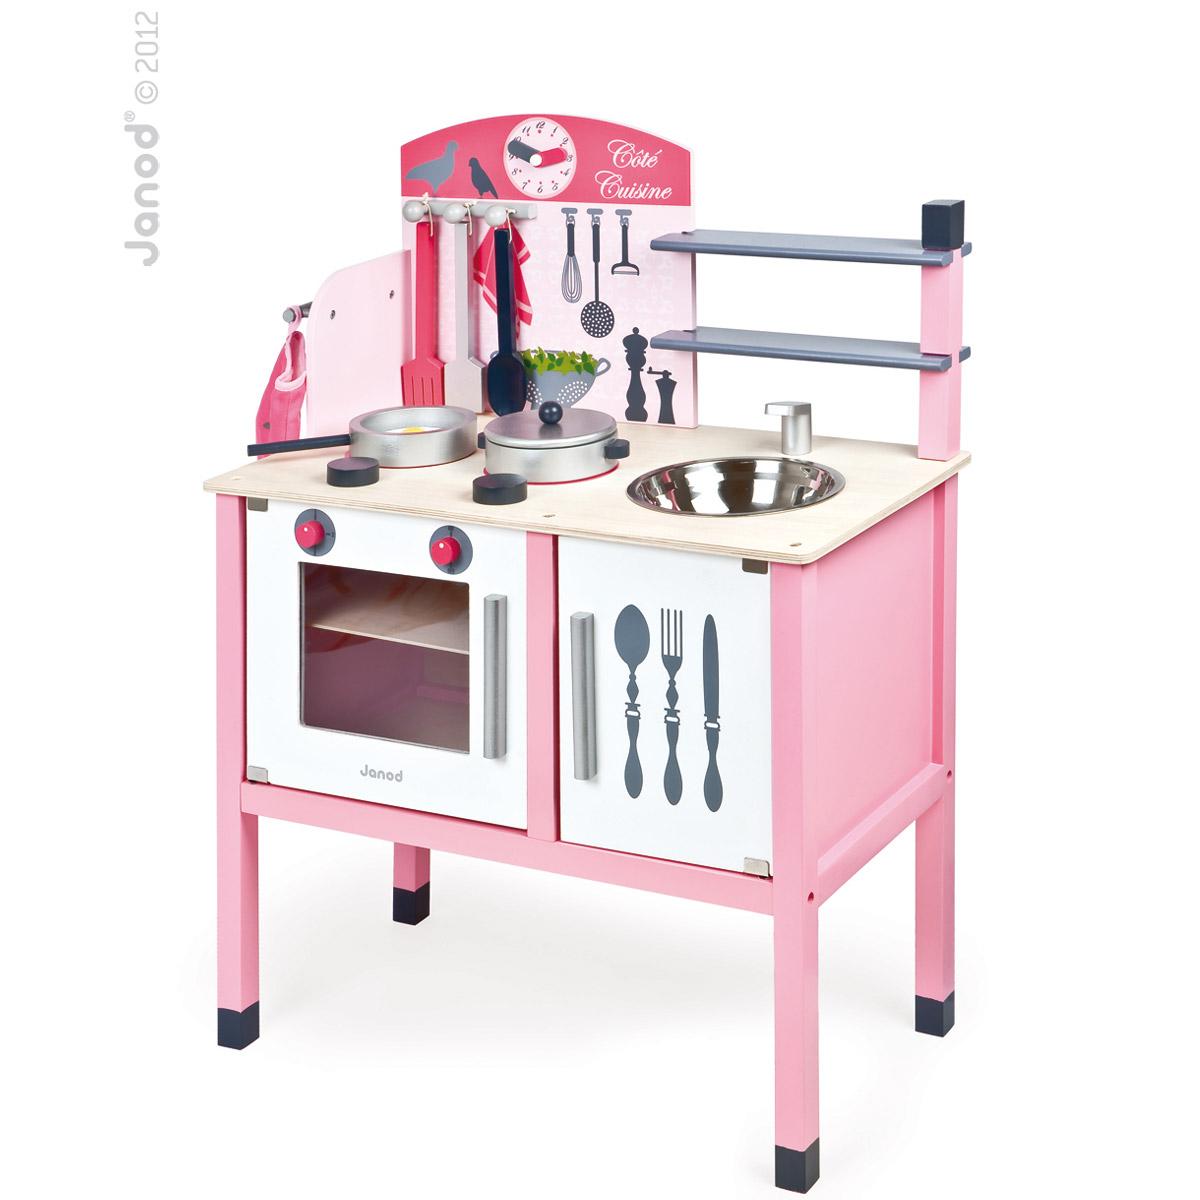 Maxi Cuisine Mademoiselle Bois Rose De Janod Autres Jouets Déveil